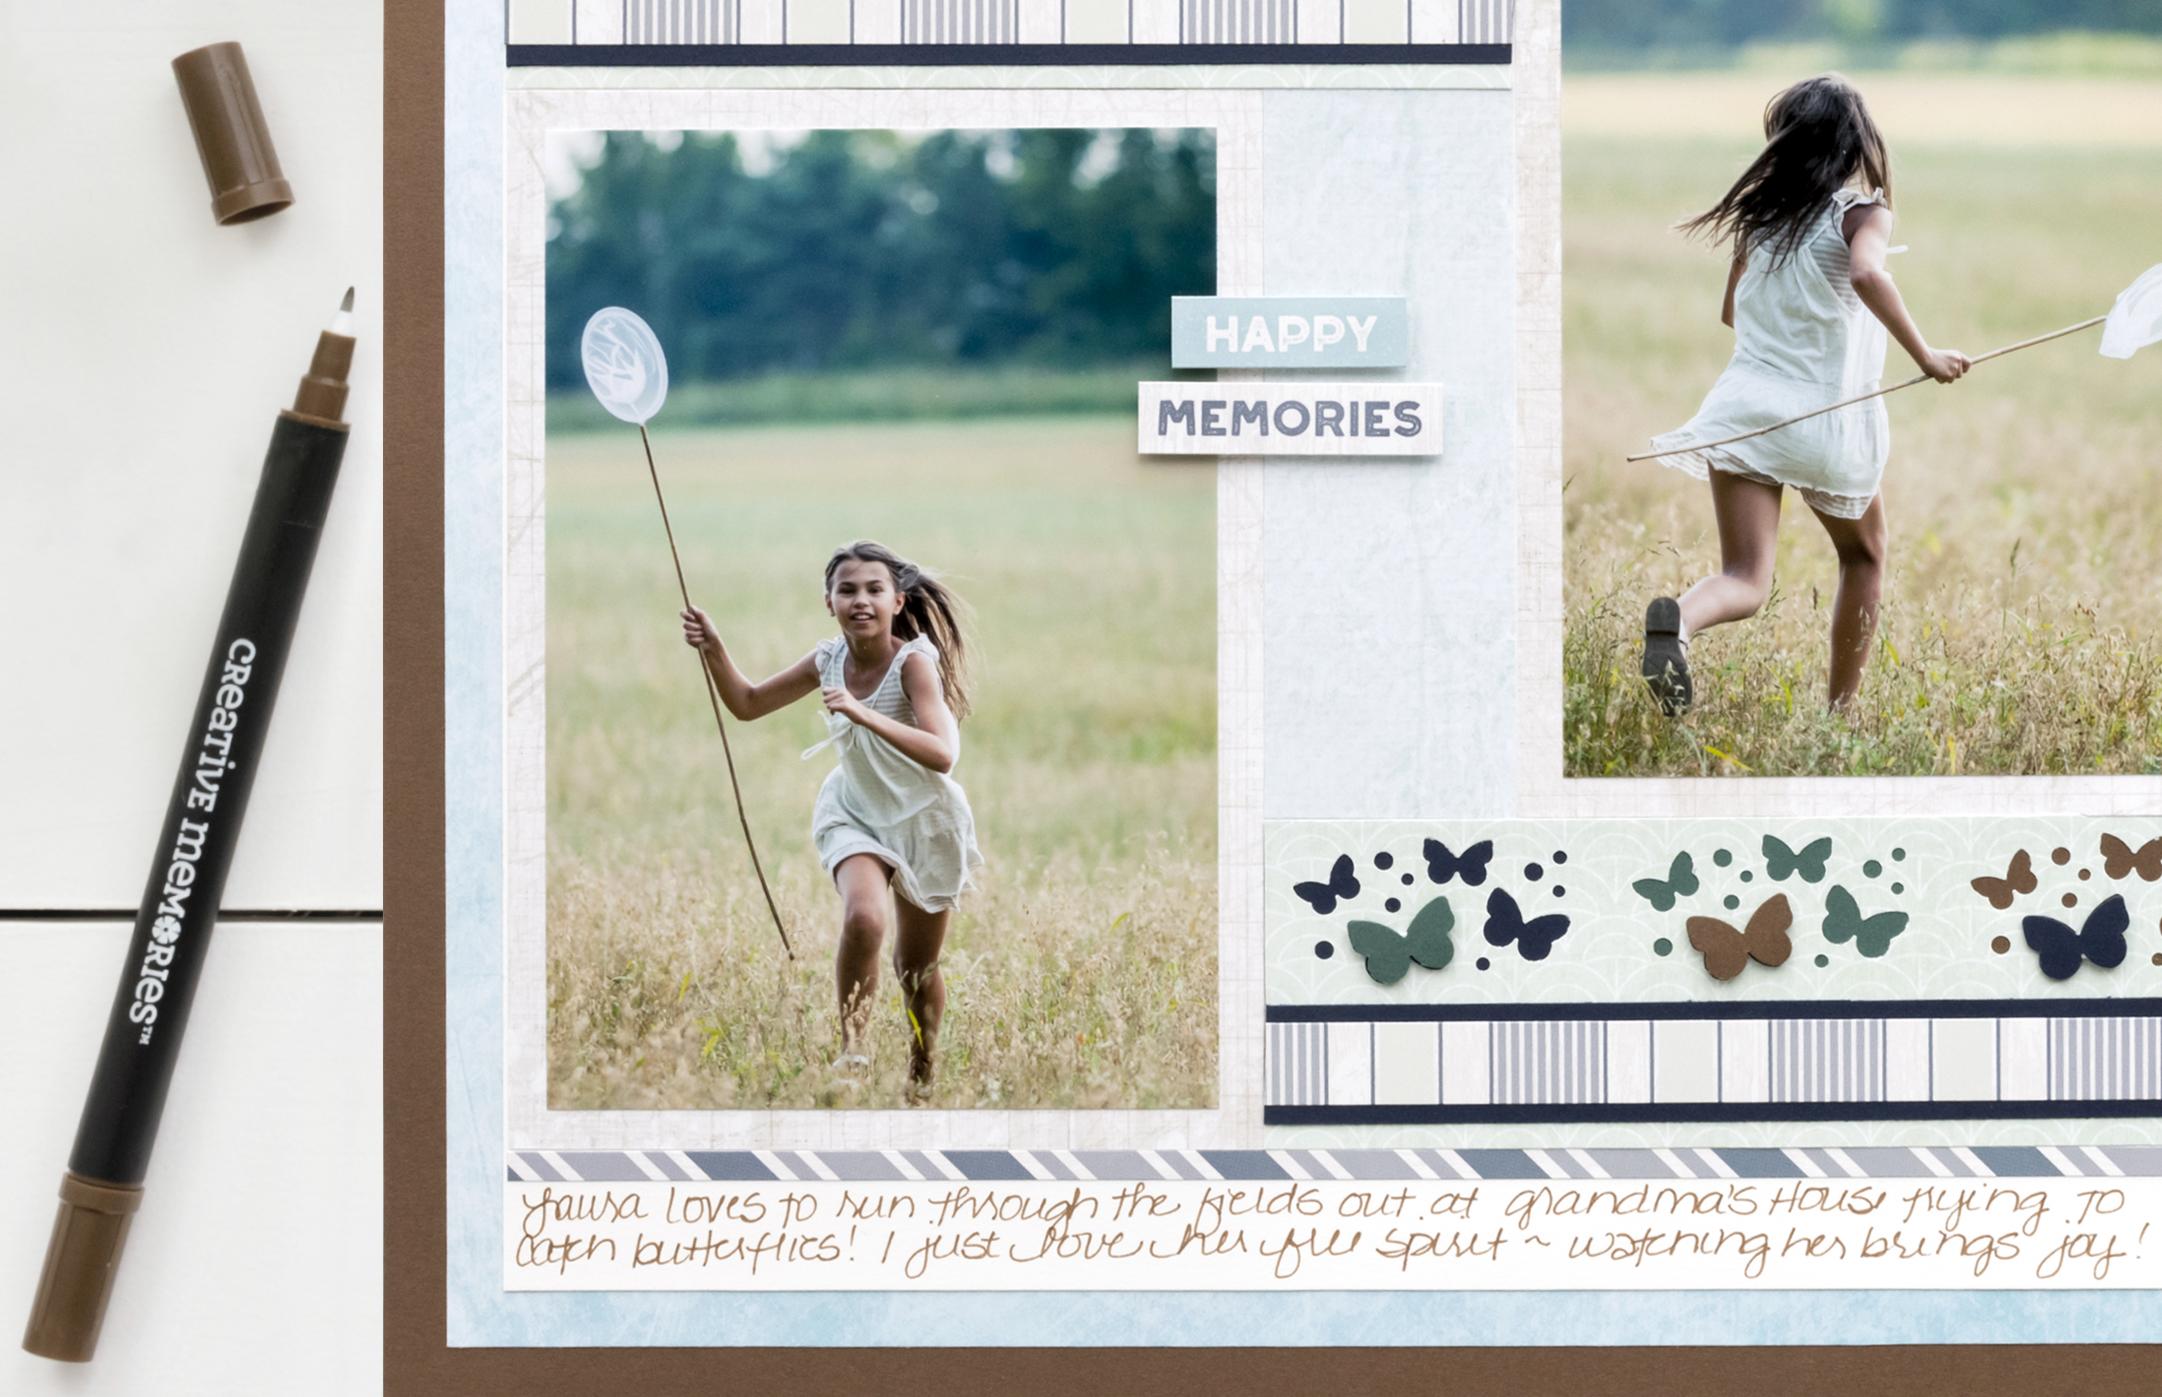 Maritime-Butterflies-Border-Maker-Cartridge-Scrapbook-Layout-Journal-Creative-Memories